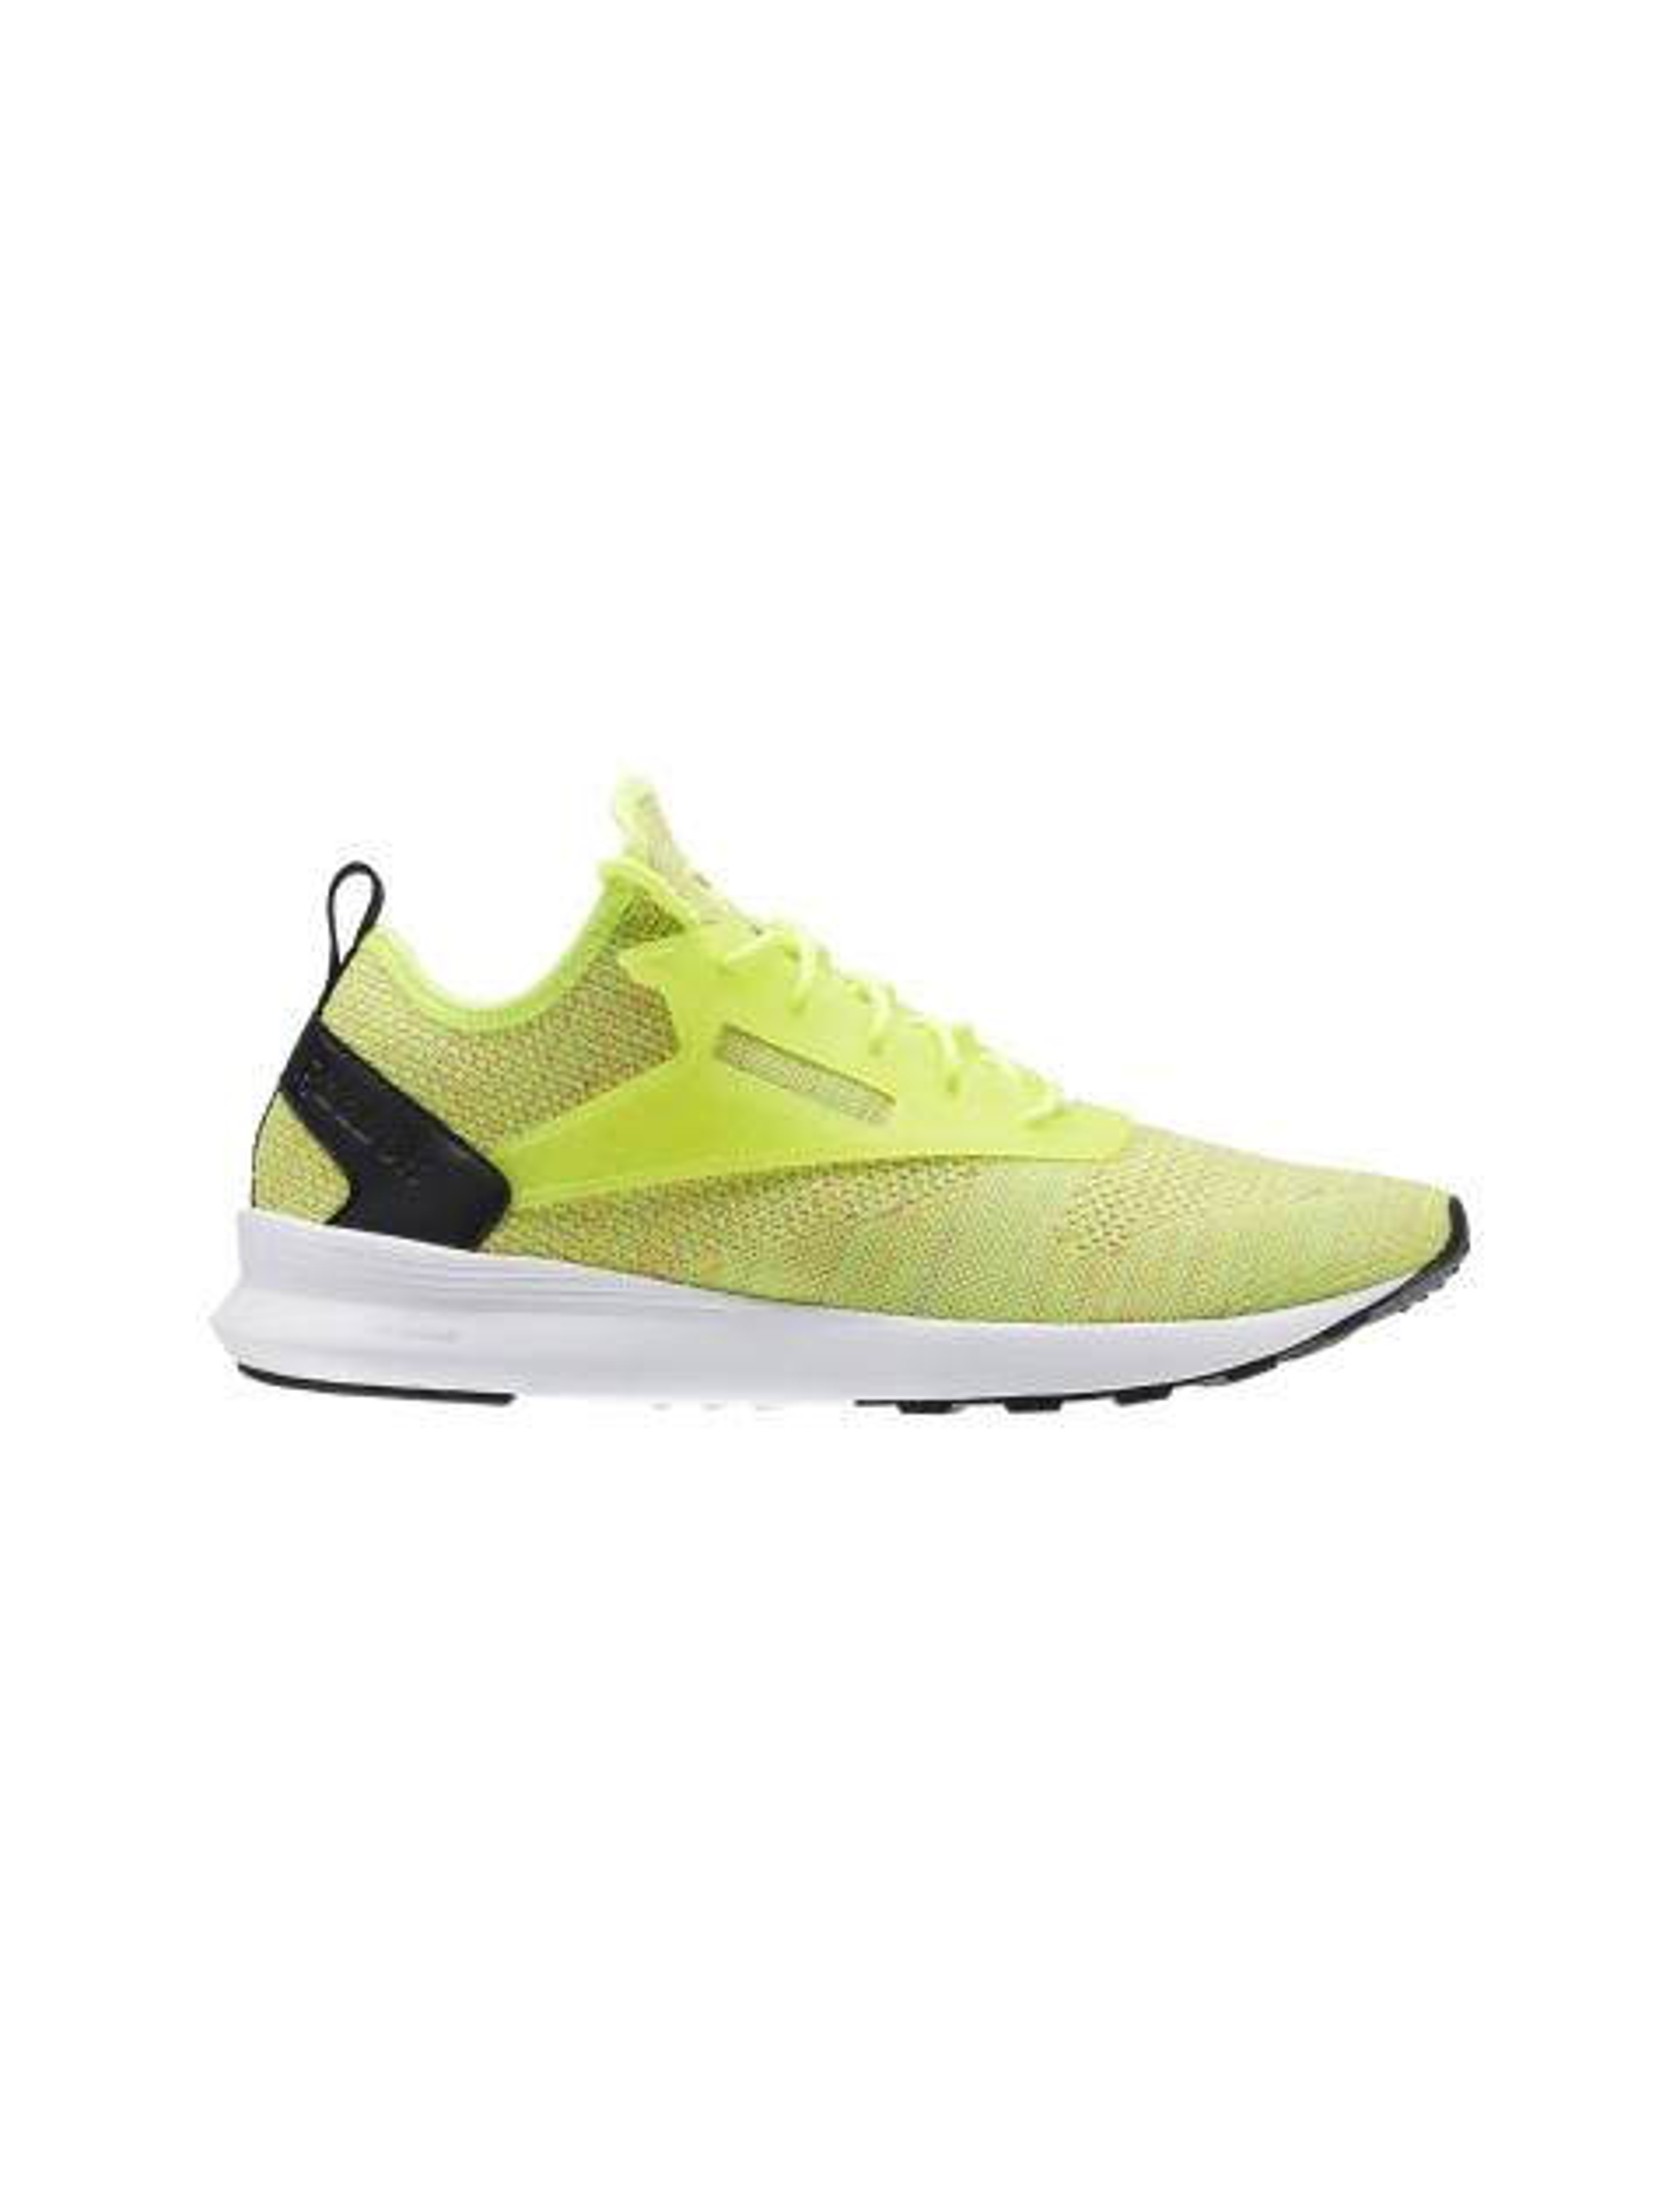 کفش پیاده روی بندی مردانه Zoku Runner - زرد - 1